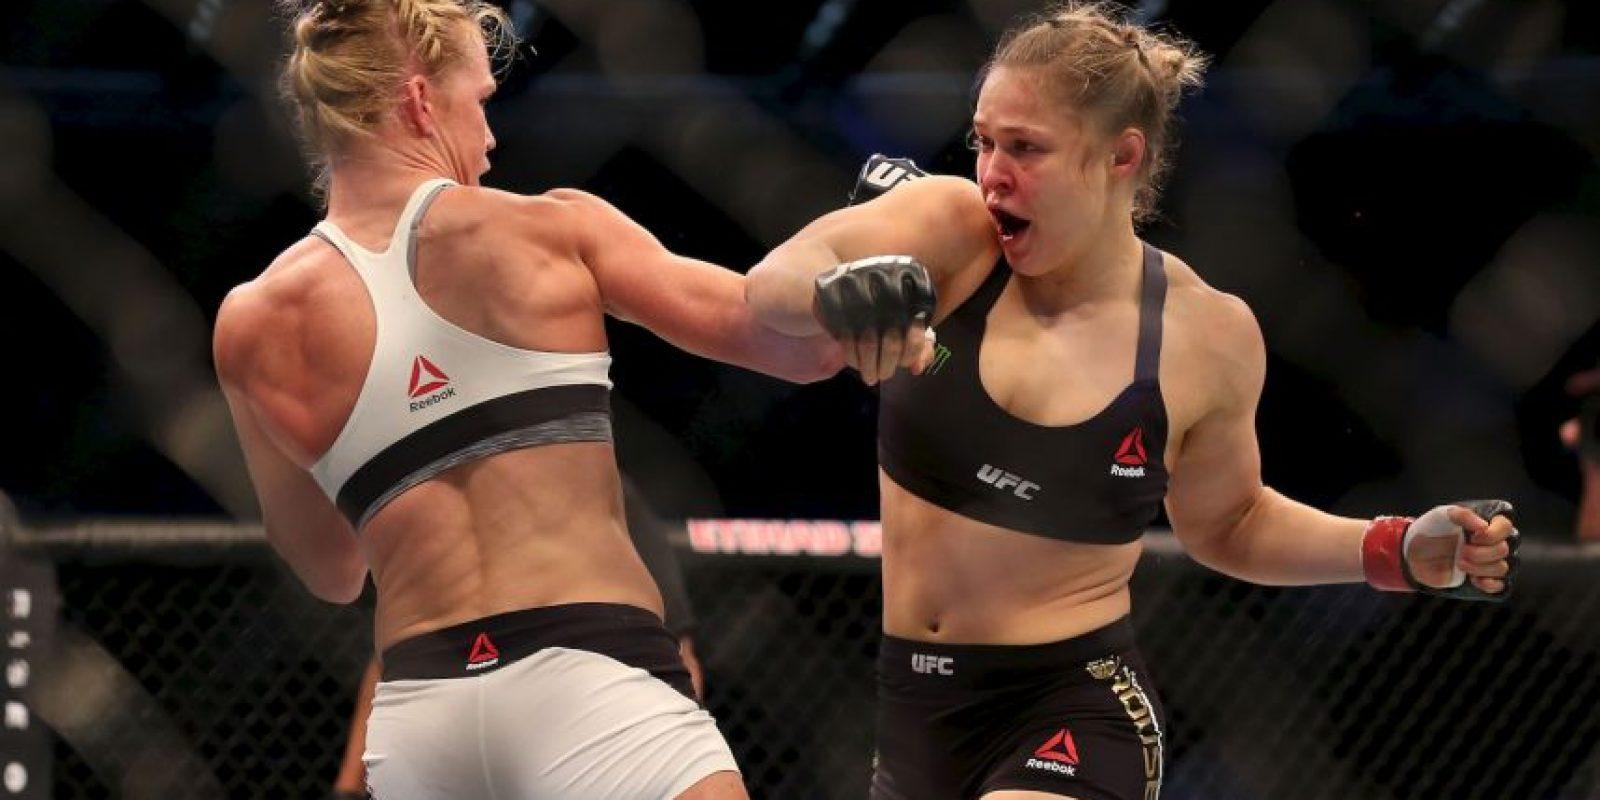 Holly Holm venció a Ronda Rousey el pasado 15 de noviembre Foto:Getty Images